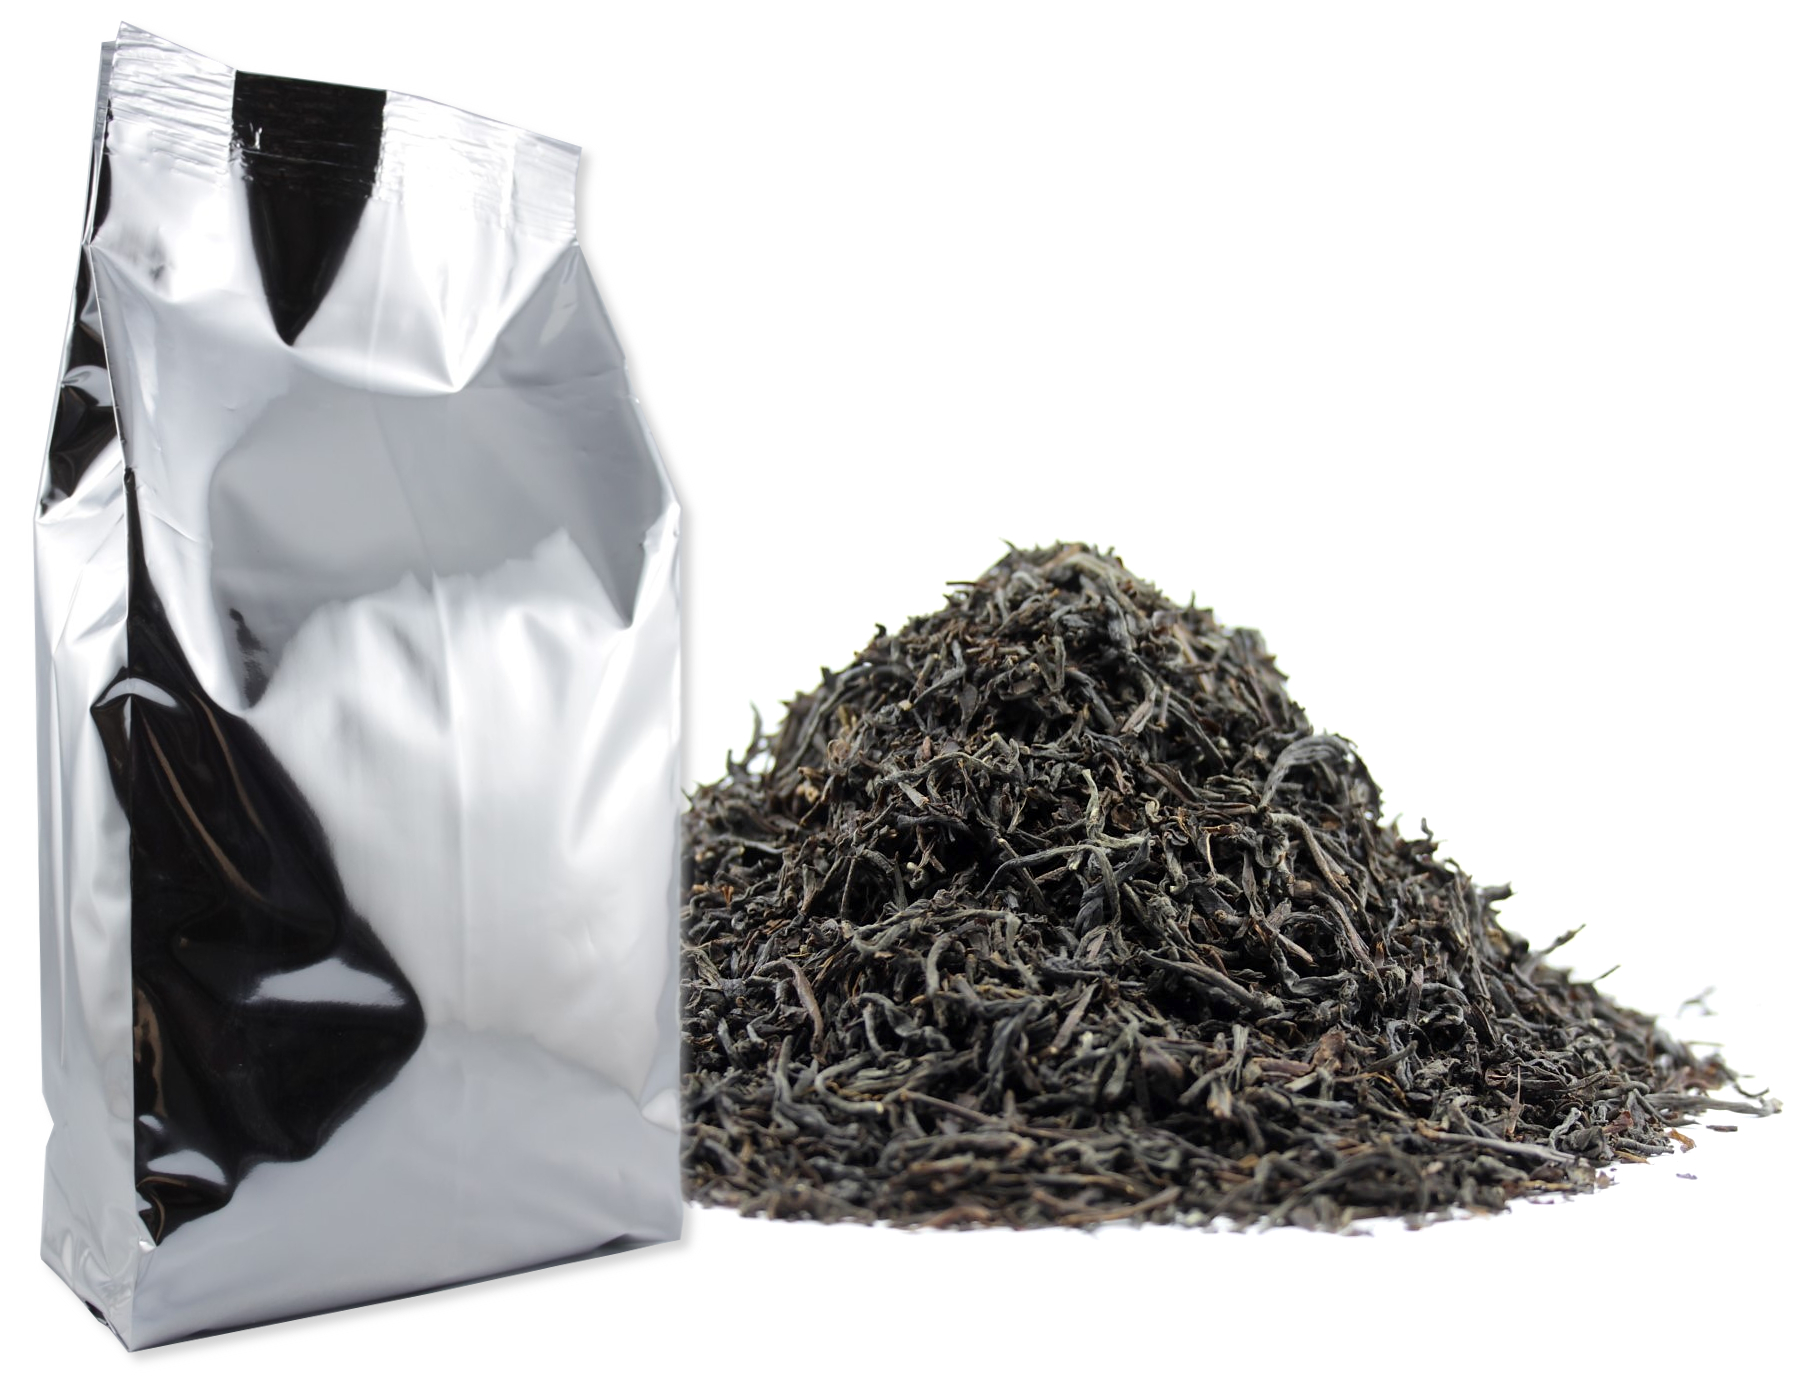 Čierny ČAJ CEYLON Srí Lanka veľkoobchod 1kg list